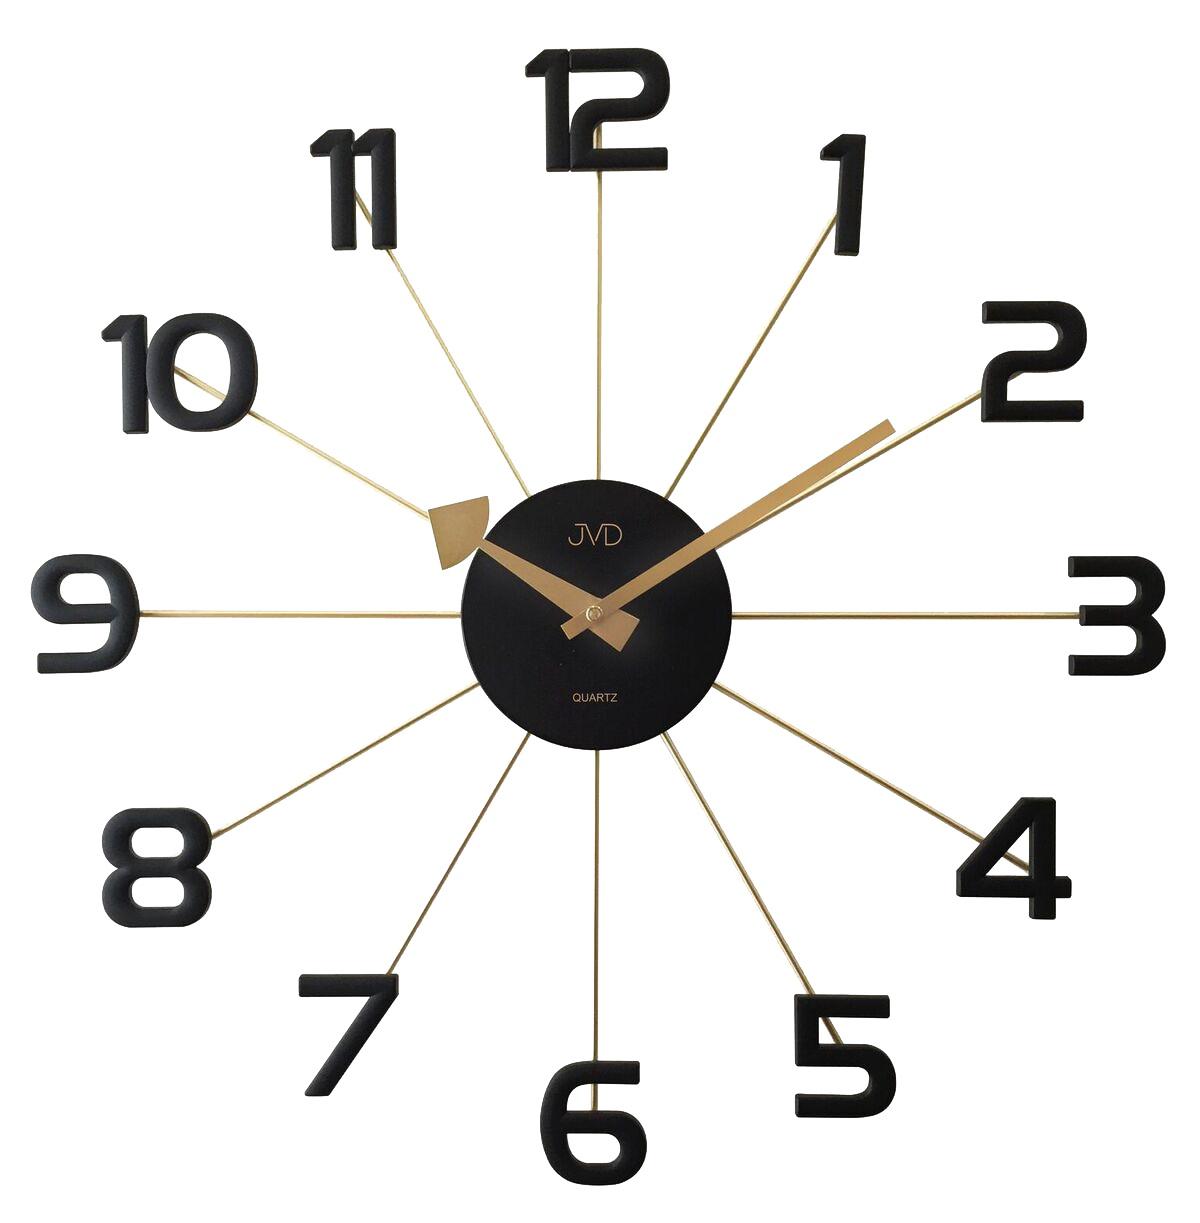 Černožluté paprskovité kovové hodiny JVD HT072.2 s číslicemi (POŠTOVNÉ ZDARMA!!!!)